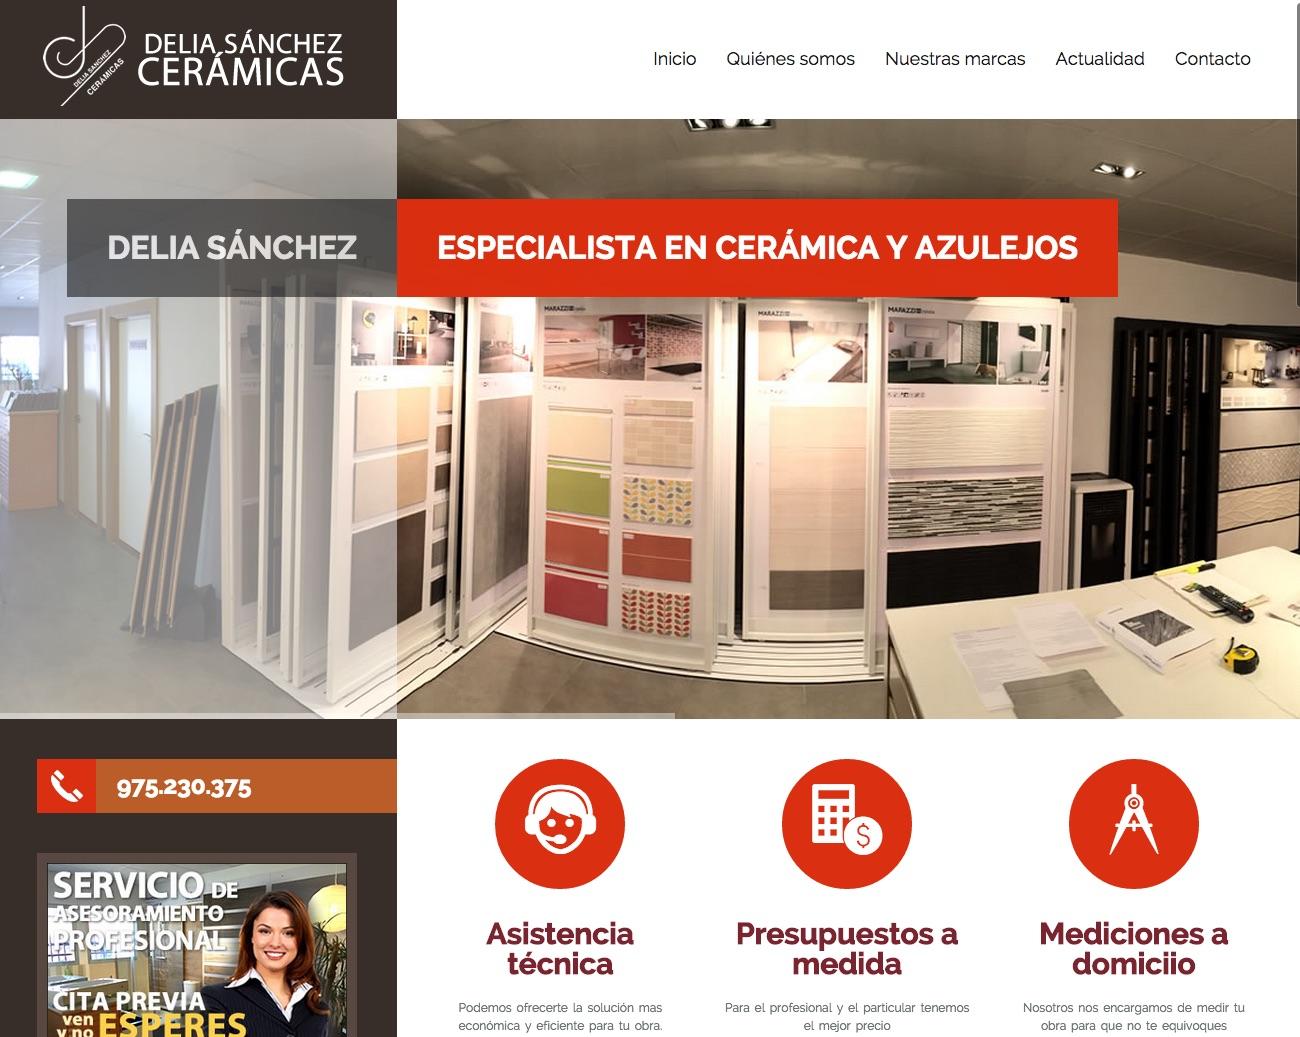 Nuevo caso de éxito: Cerámicas Delia Sánchez